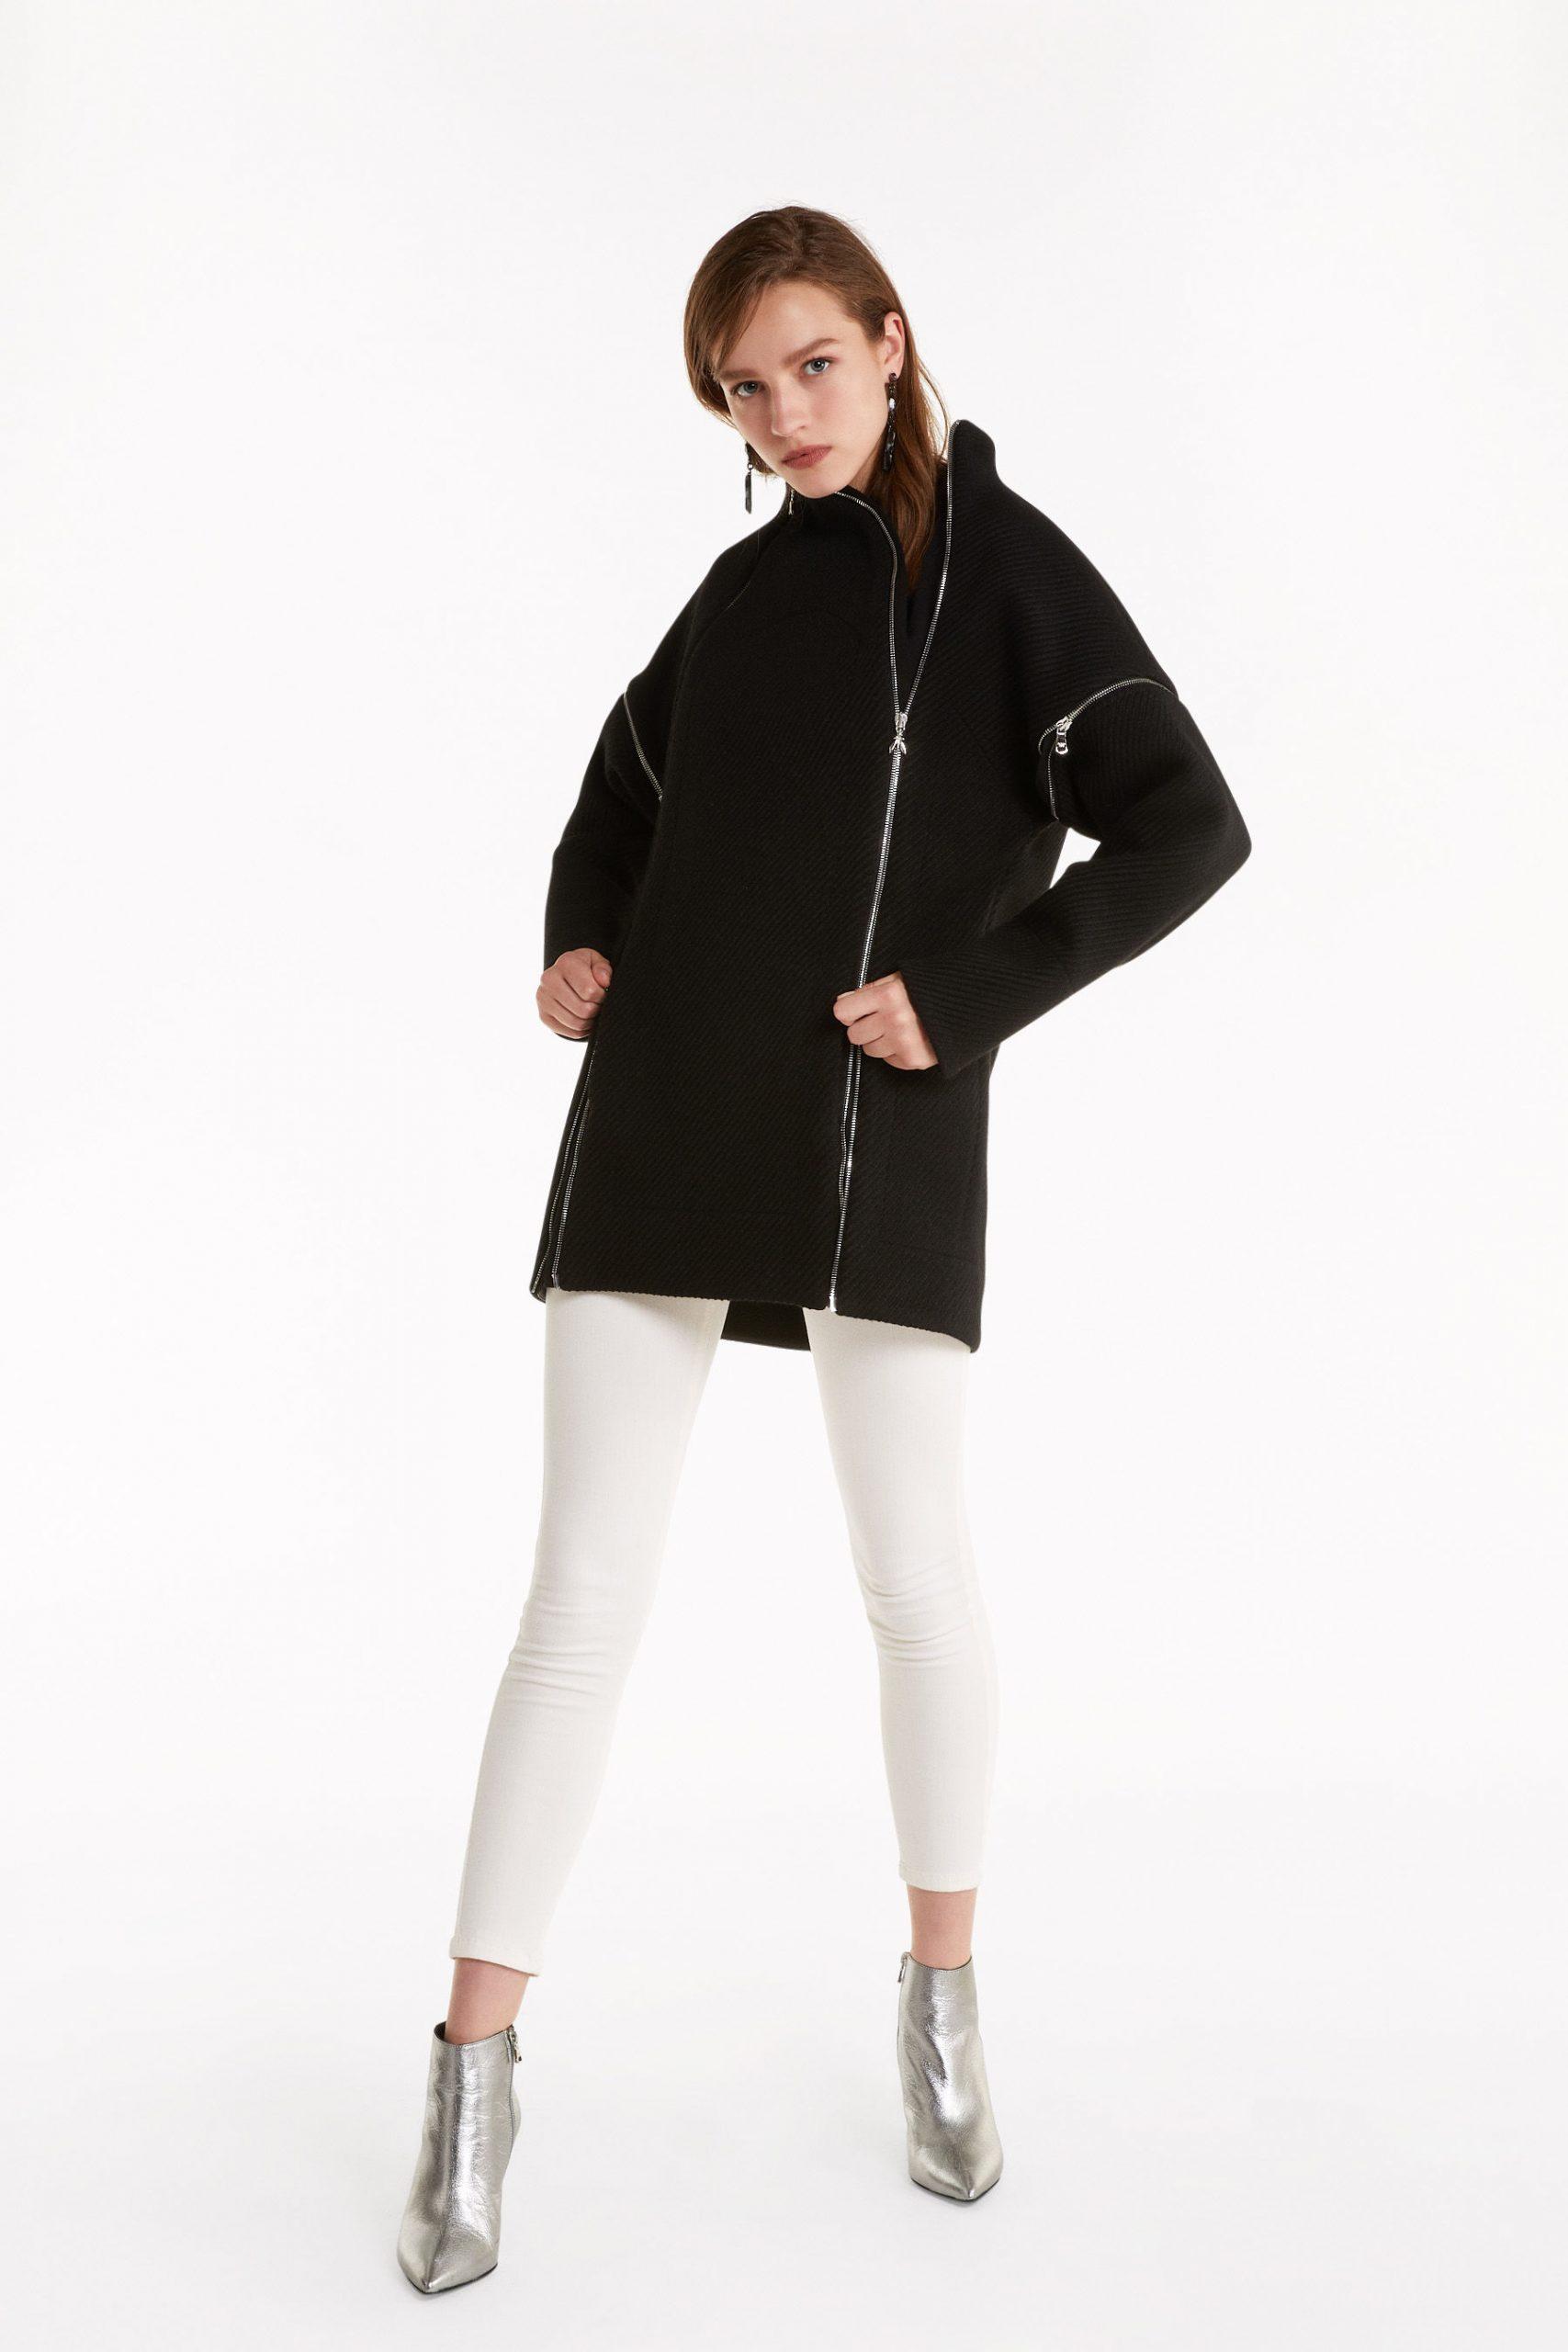 Abbigliamento Patrizia Pepe  Cappotto in panno diagonale misto lana Black female collezione 2020 shop the look